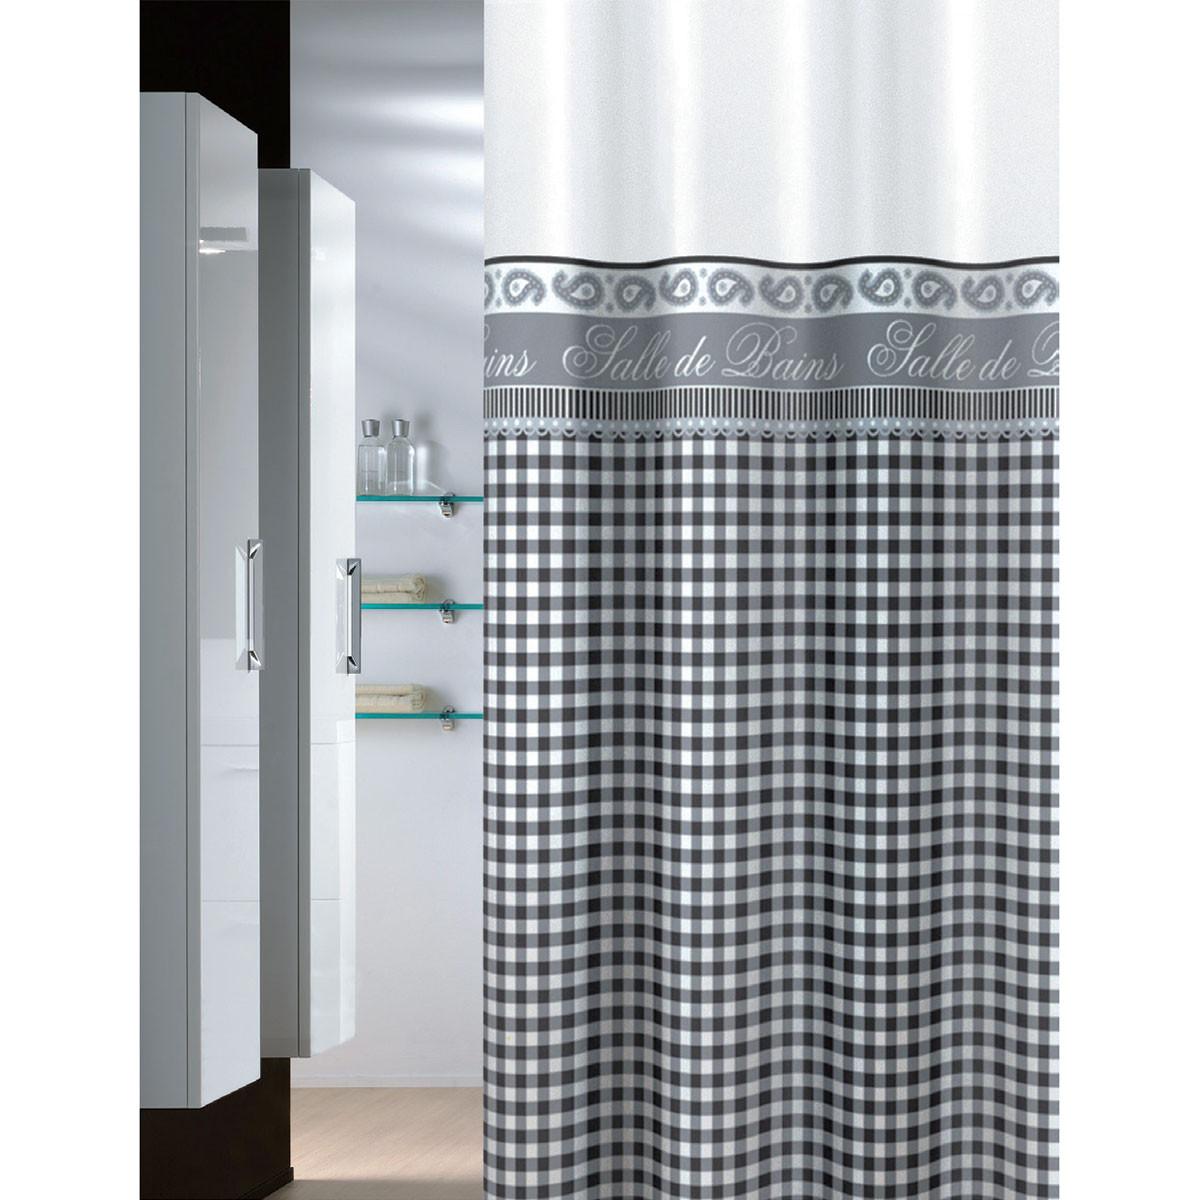 Κουρτίνα Μπάνιου (180×200) Joy Bath Country Style